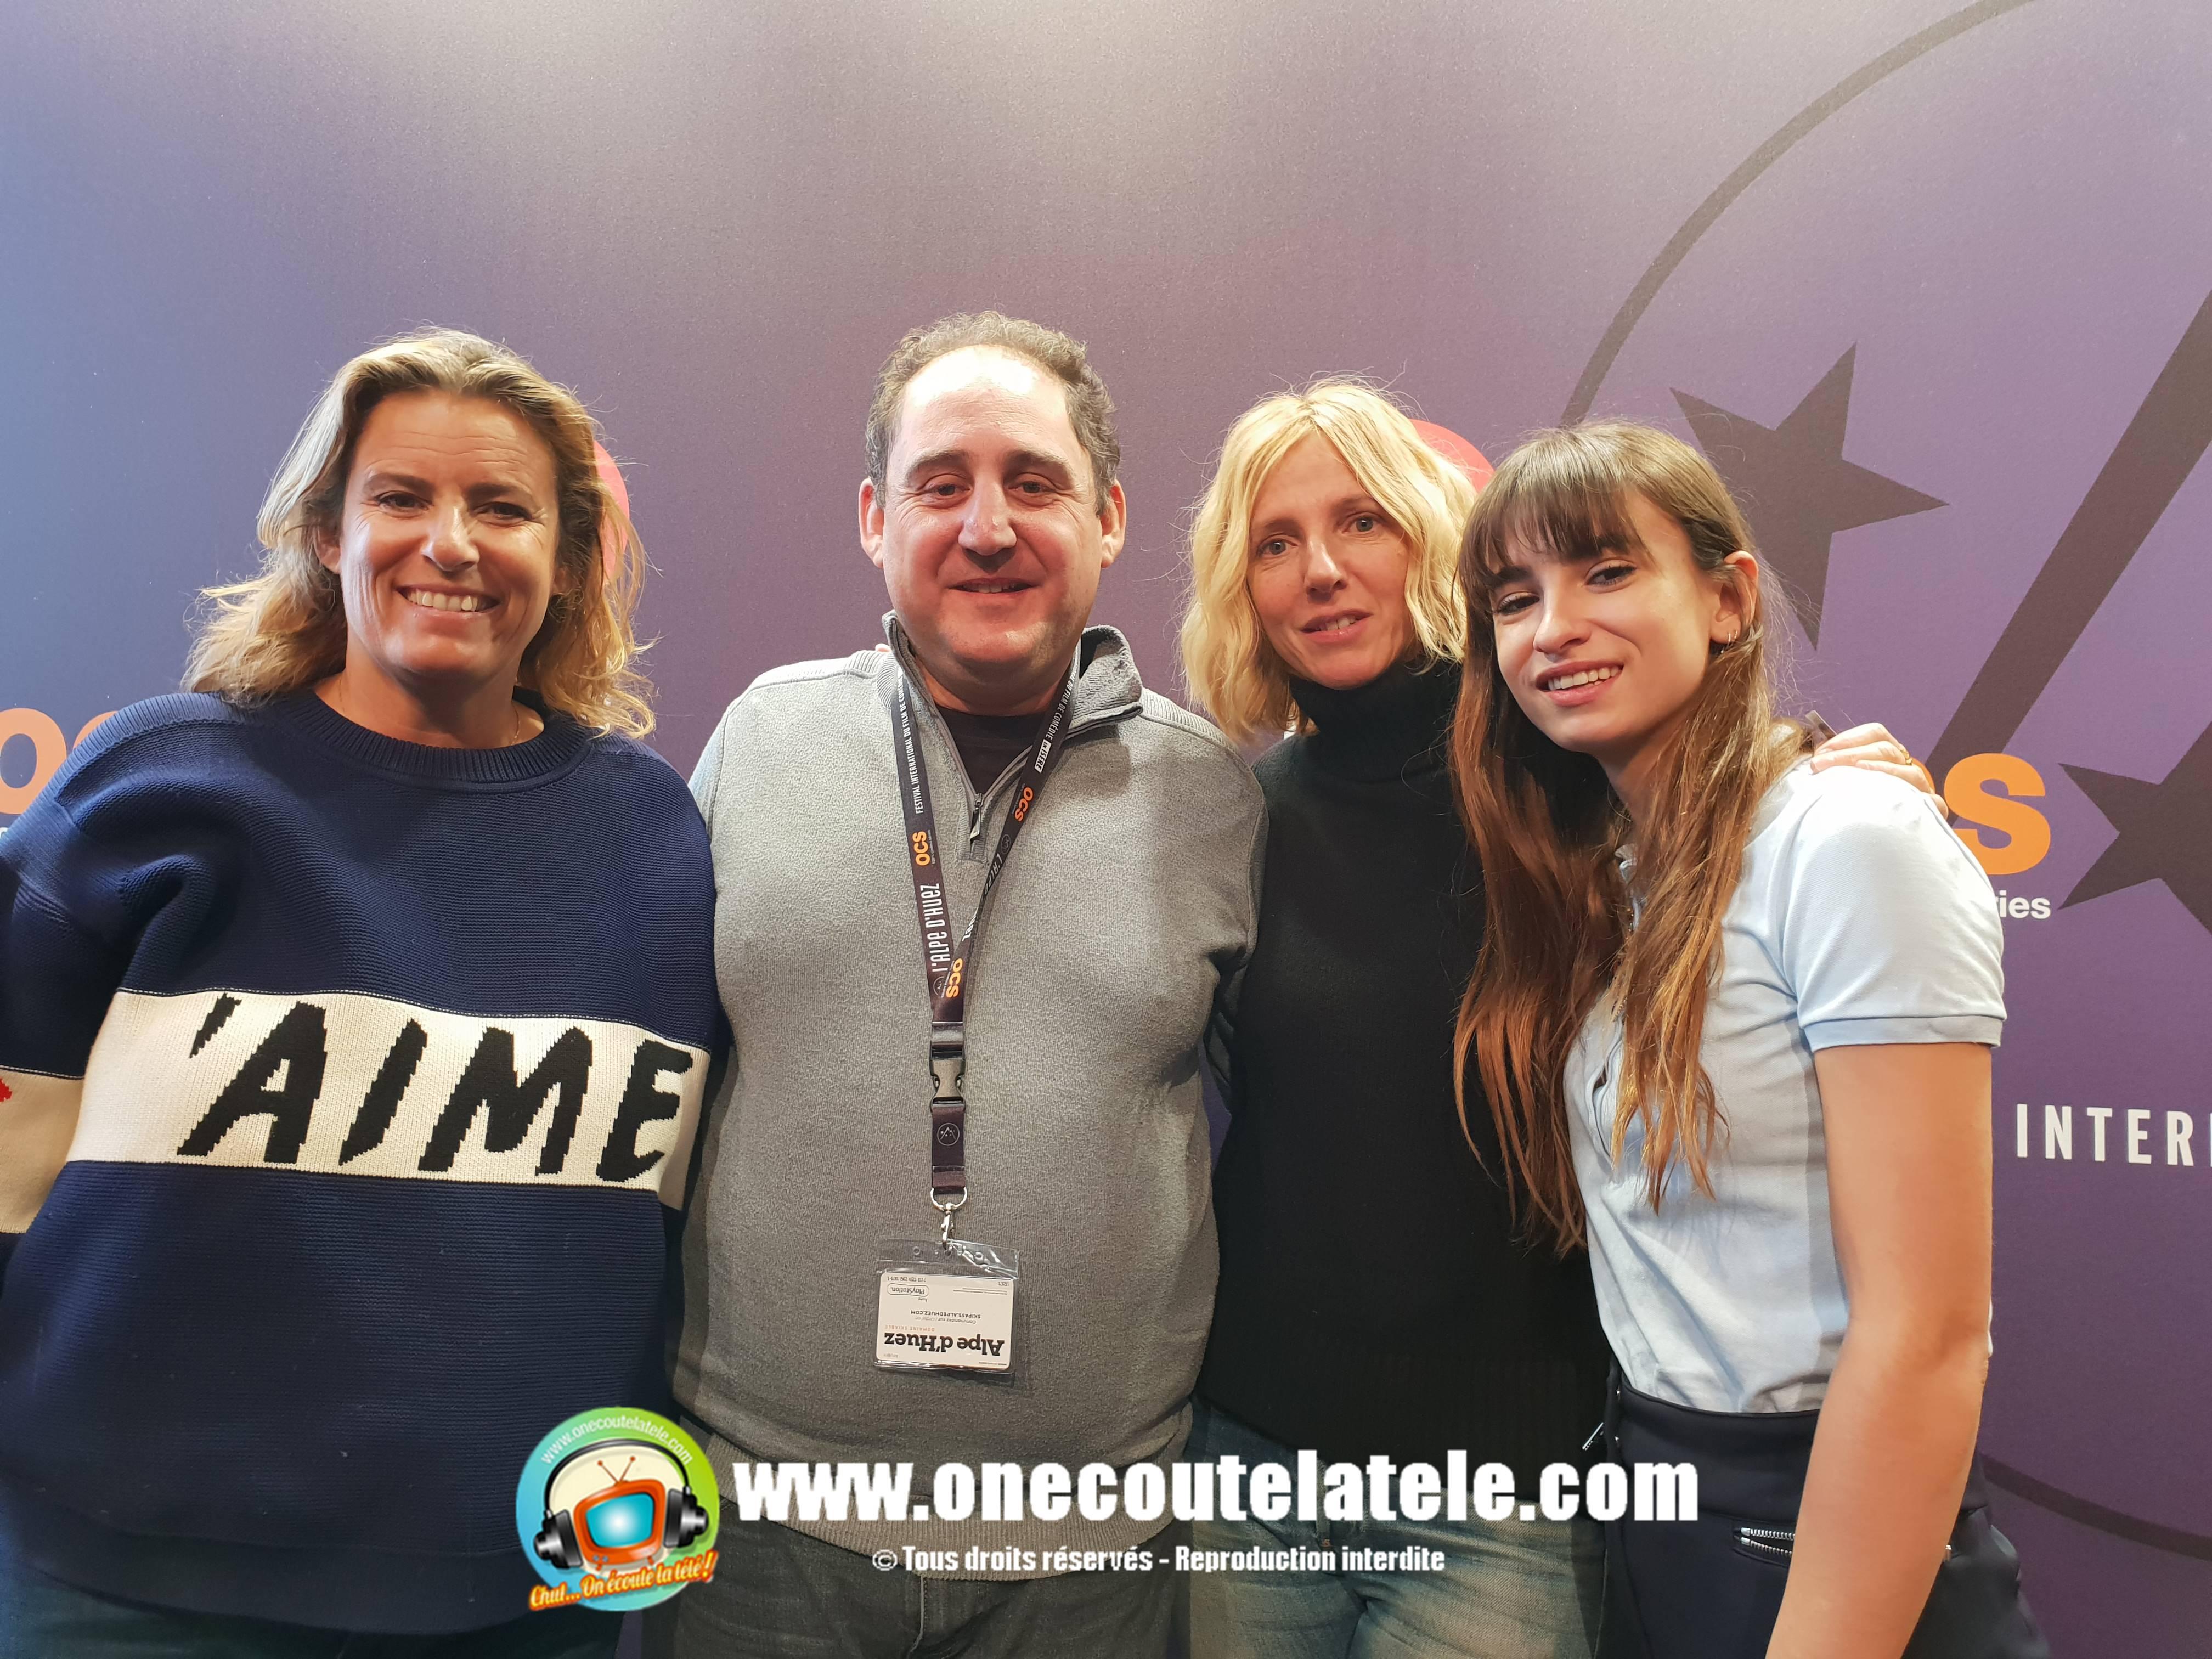 Max Boublil, Alexandra Lamy, Les petits Flocons, Chloé Jouannet, spéciale festival alpe d'huez 2019 ce lundi 21 janvier dans Chut on écoute la télé!